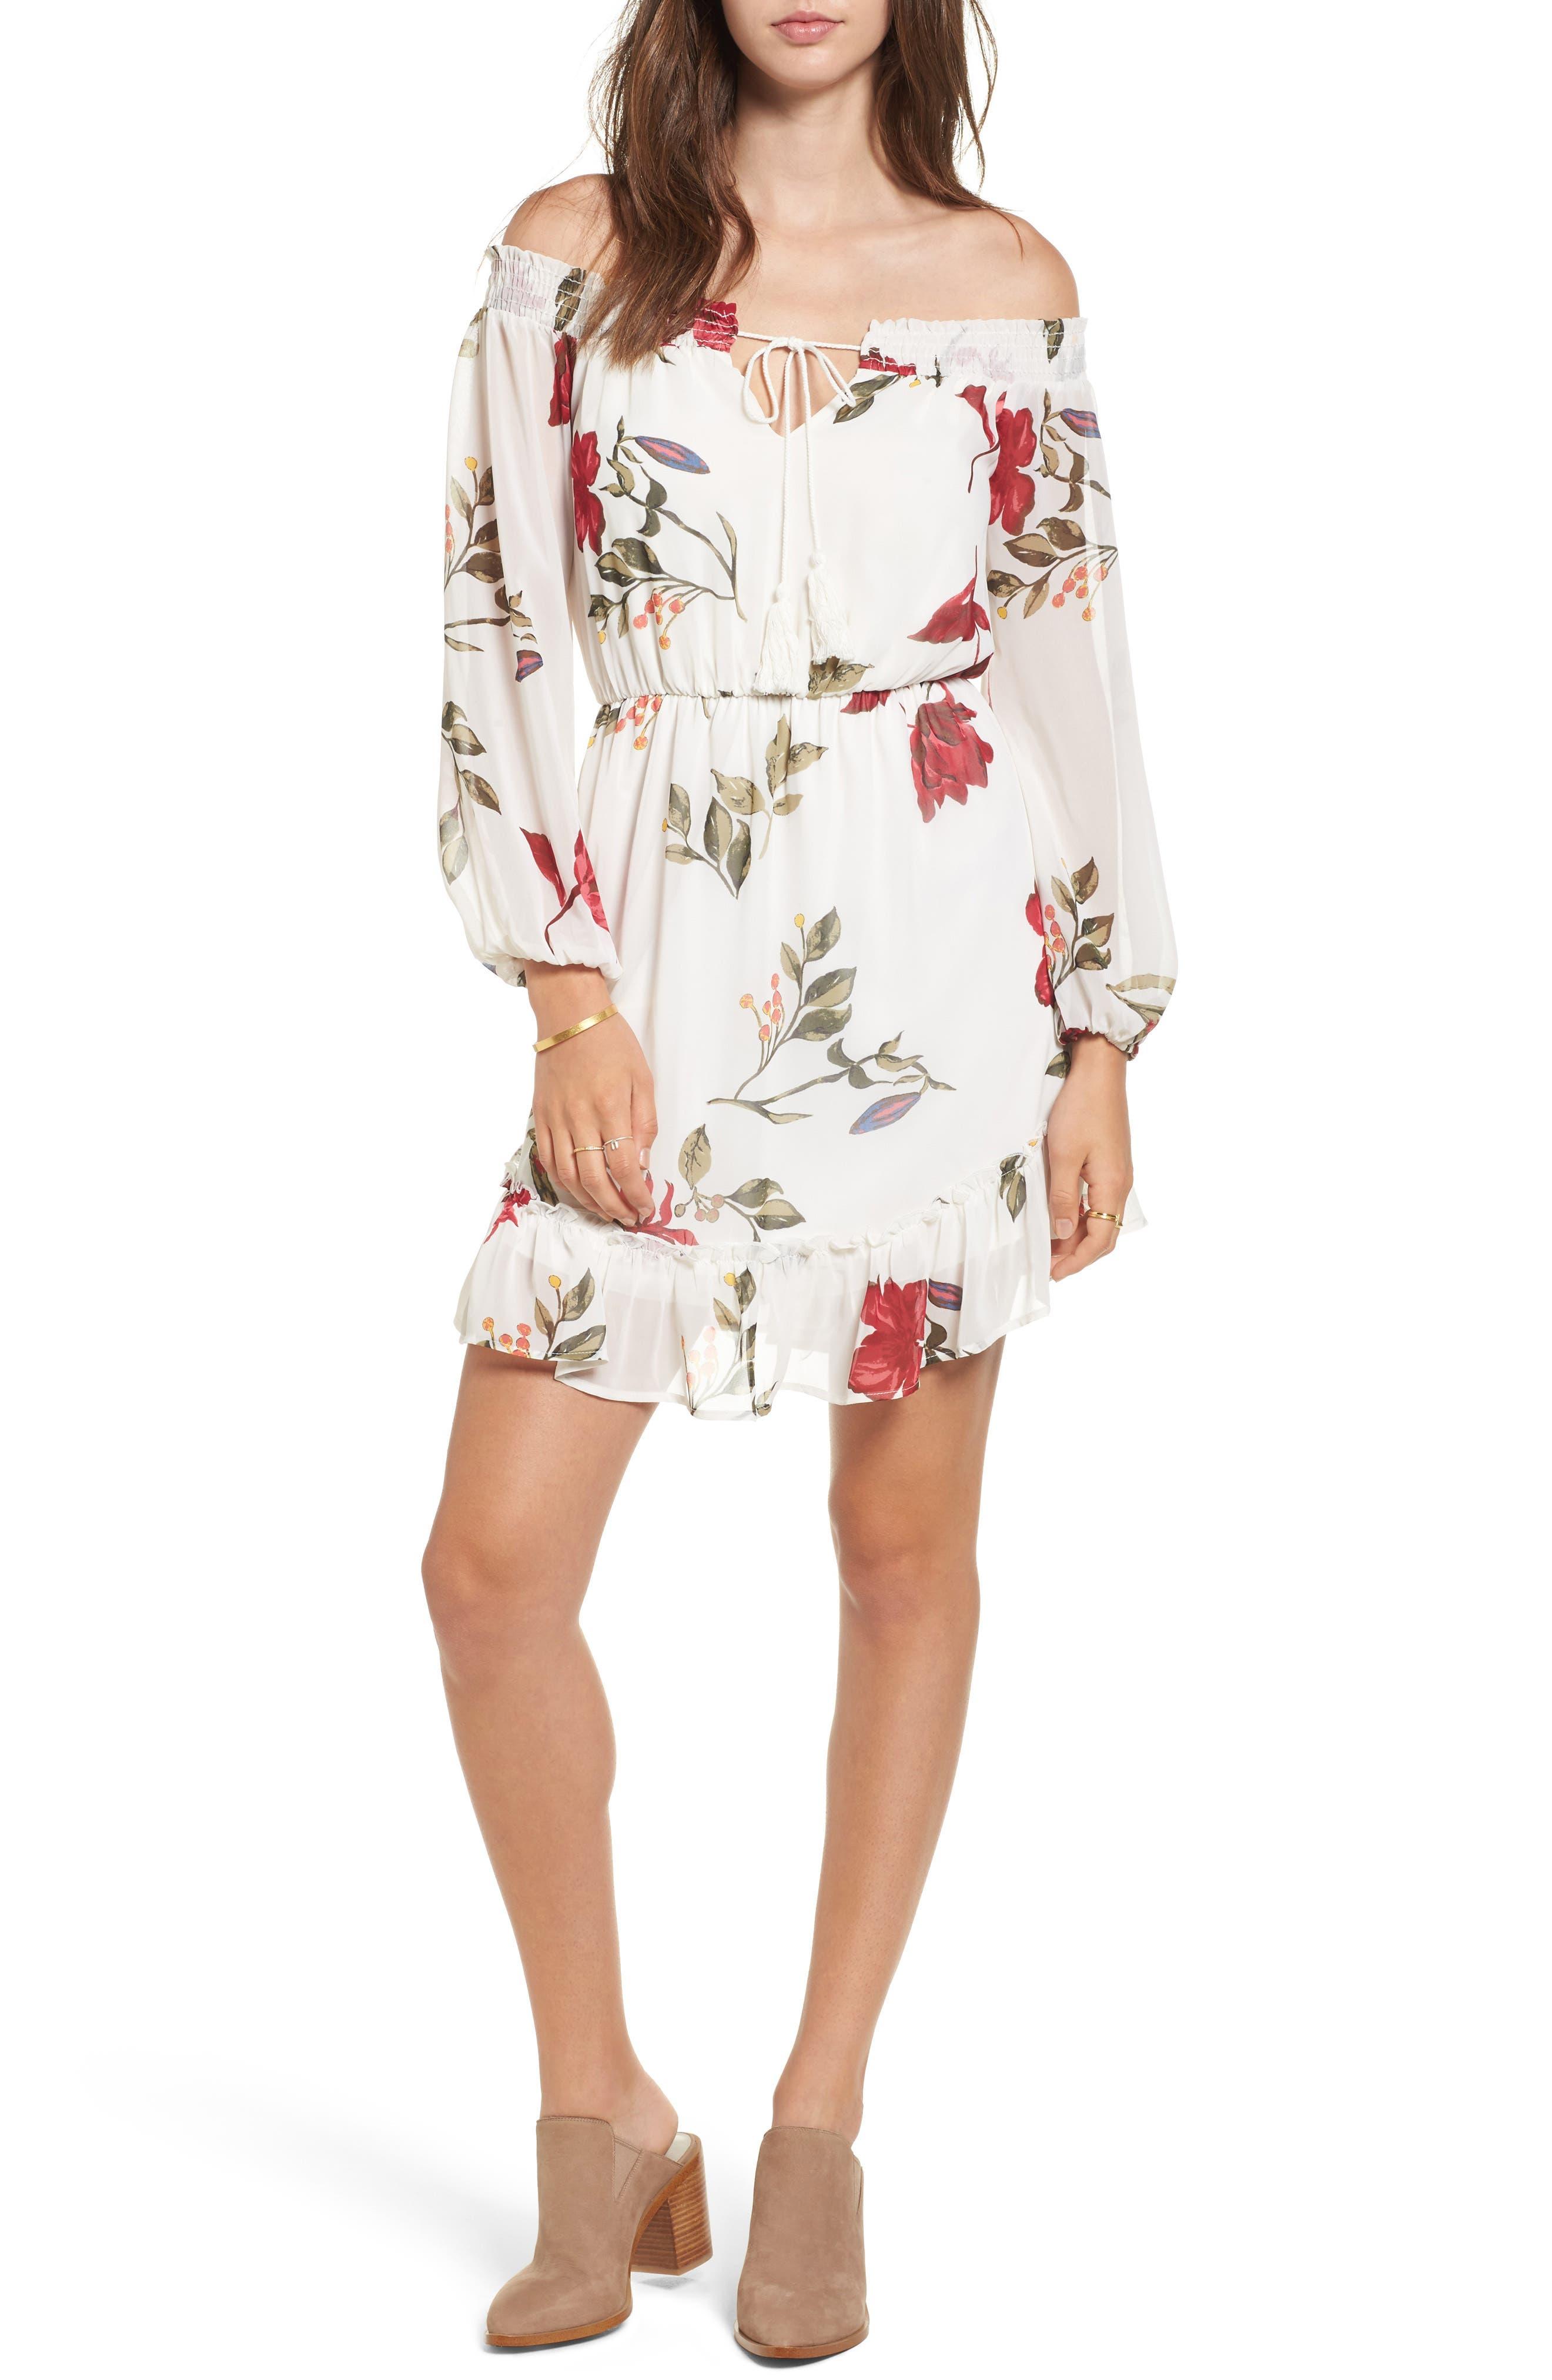 Alternate Image 1 Selected - Dee Elly Floral Off the Shoulder Dress